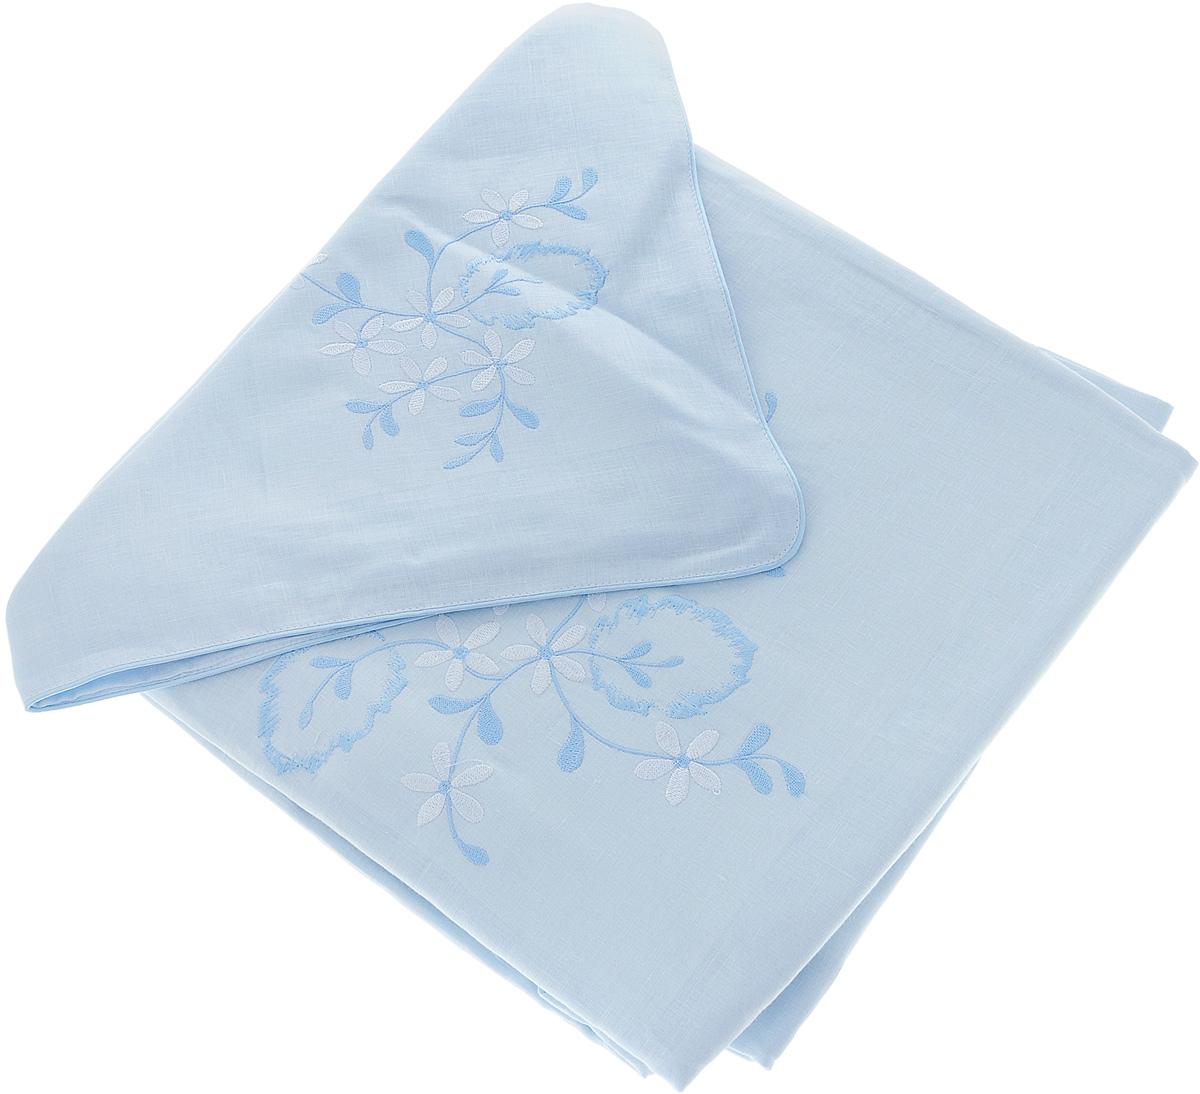 Комплект белья Гаврилов-Ямский Лен, 2-спальный, наволочки 70х70, цвет: голубой5со5939_вышивка голубой цветокКомплект белья Гаврилов-Ямский Лен, 2-спальный, наволочки 70х70, цвет: голубой